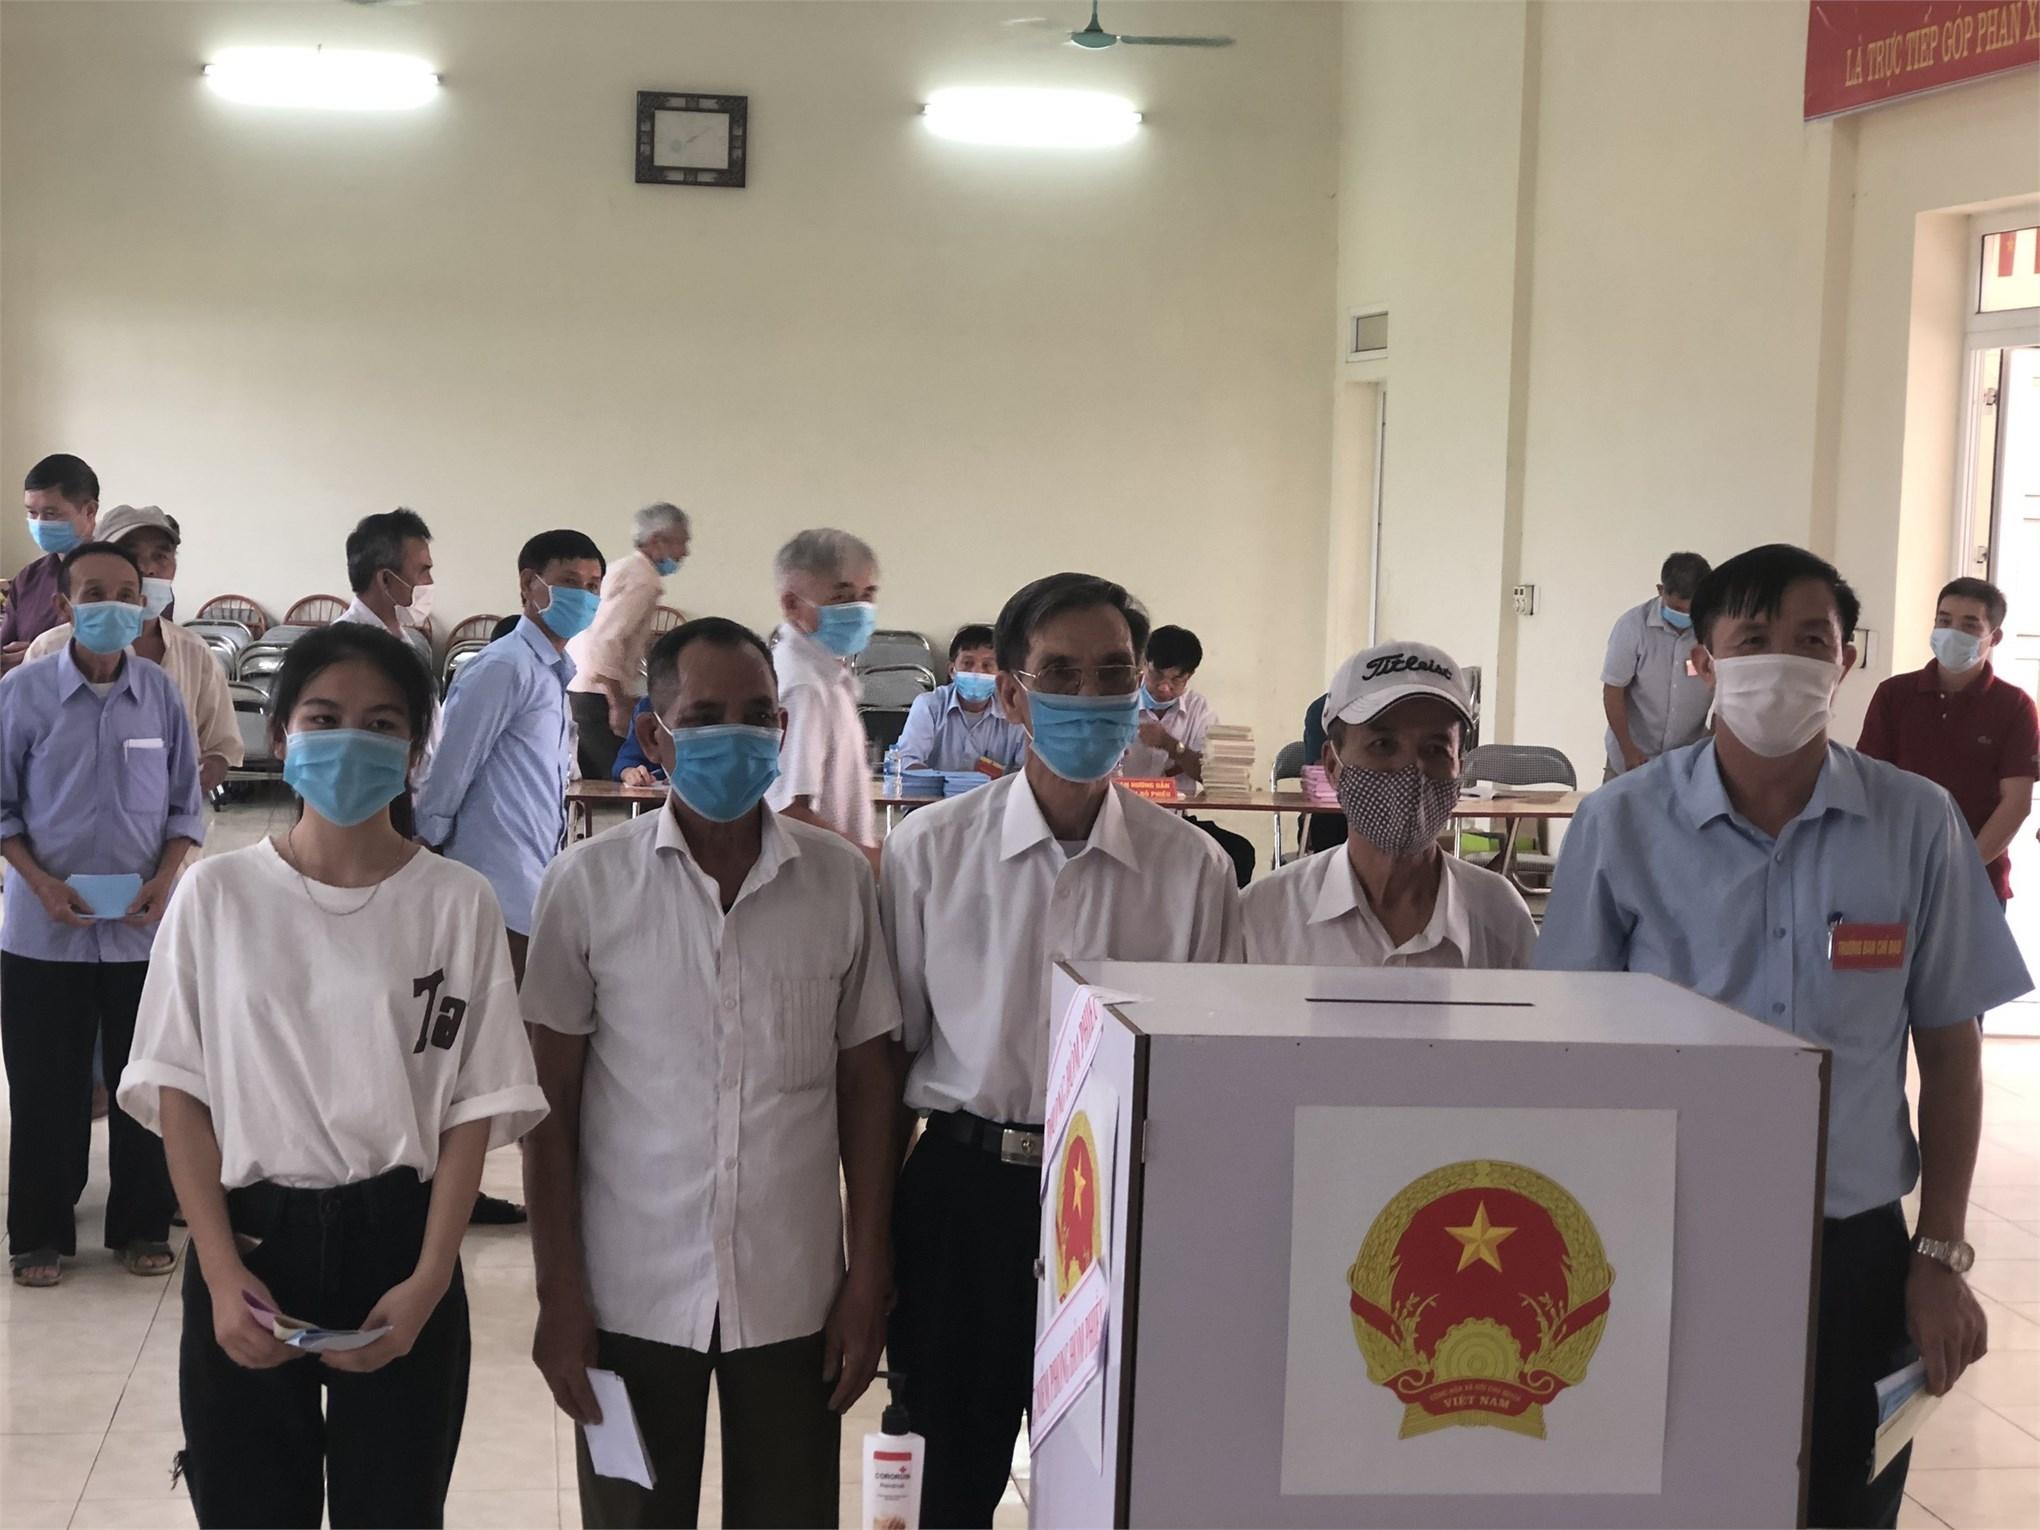 Cán bộ giáo viên và học sinh sinh viên Khoa công nghệ ô tô nô nức trong ngày bầu cử